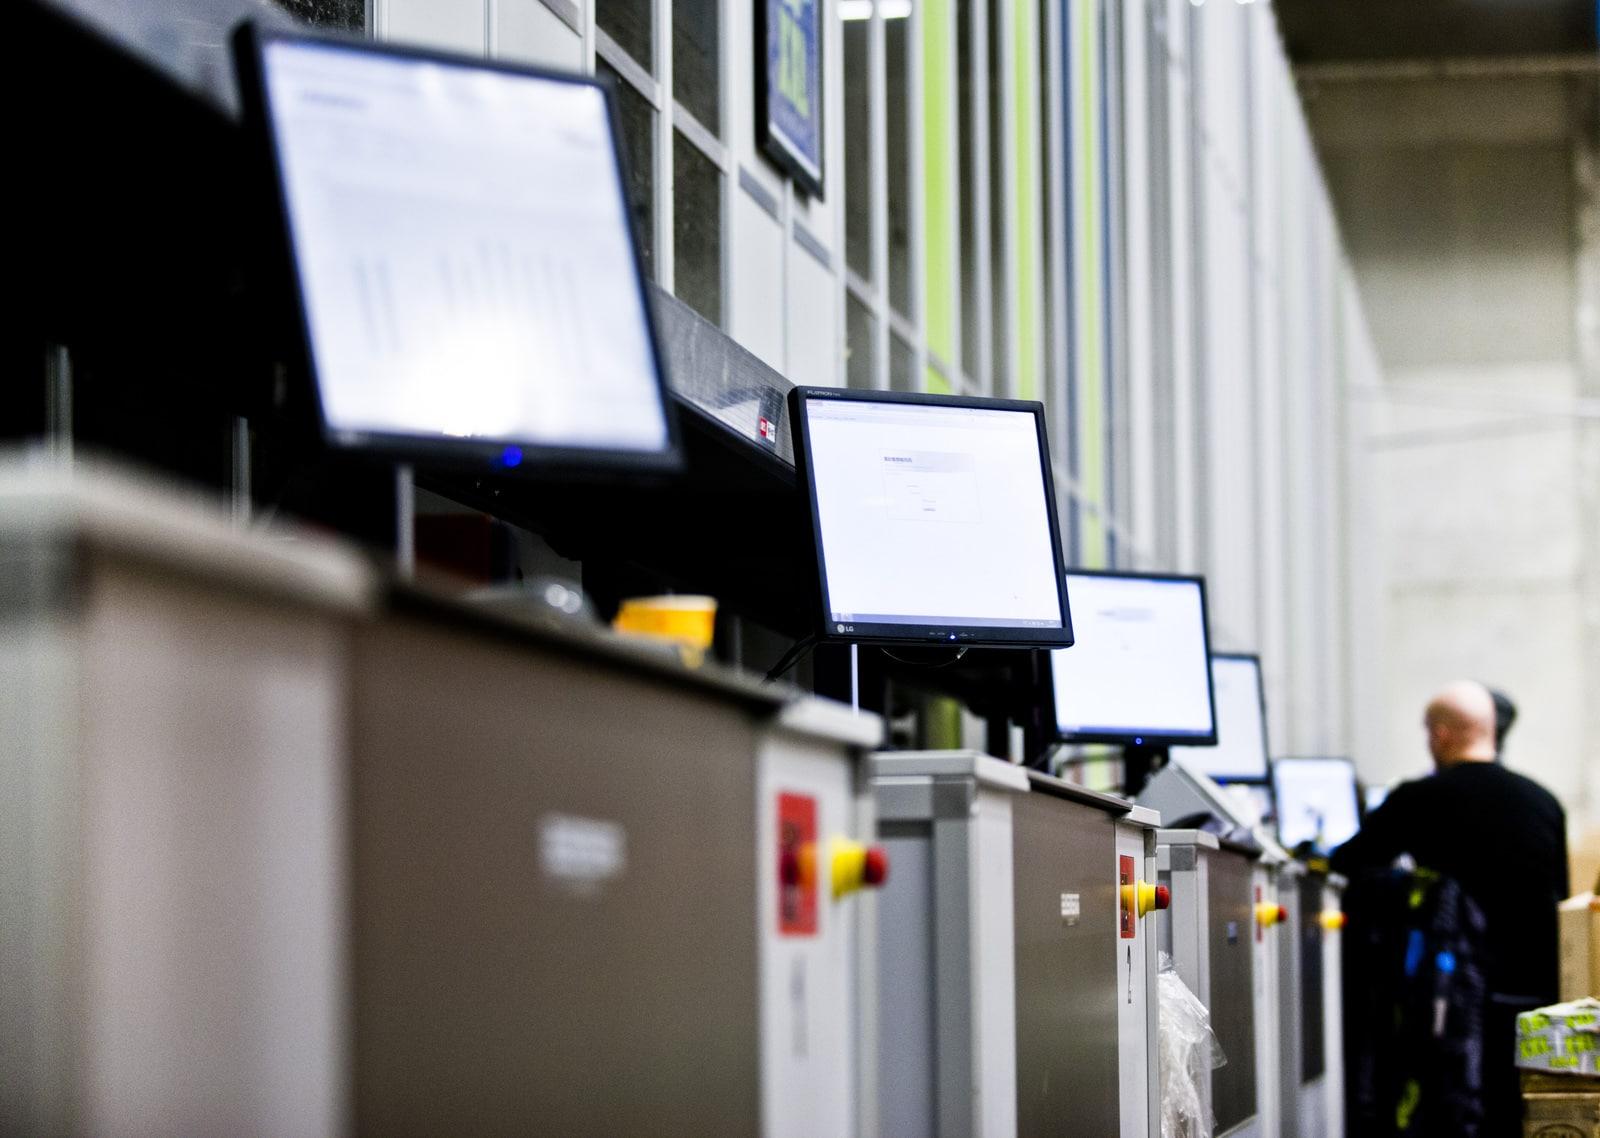 Ekrany komputerów w magazynie XXL i pracownicy magazynu